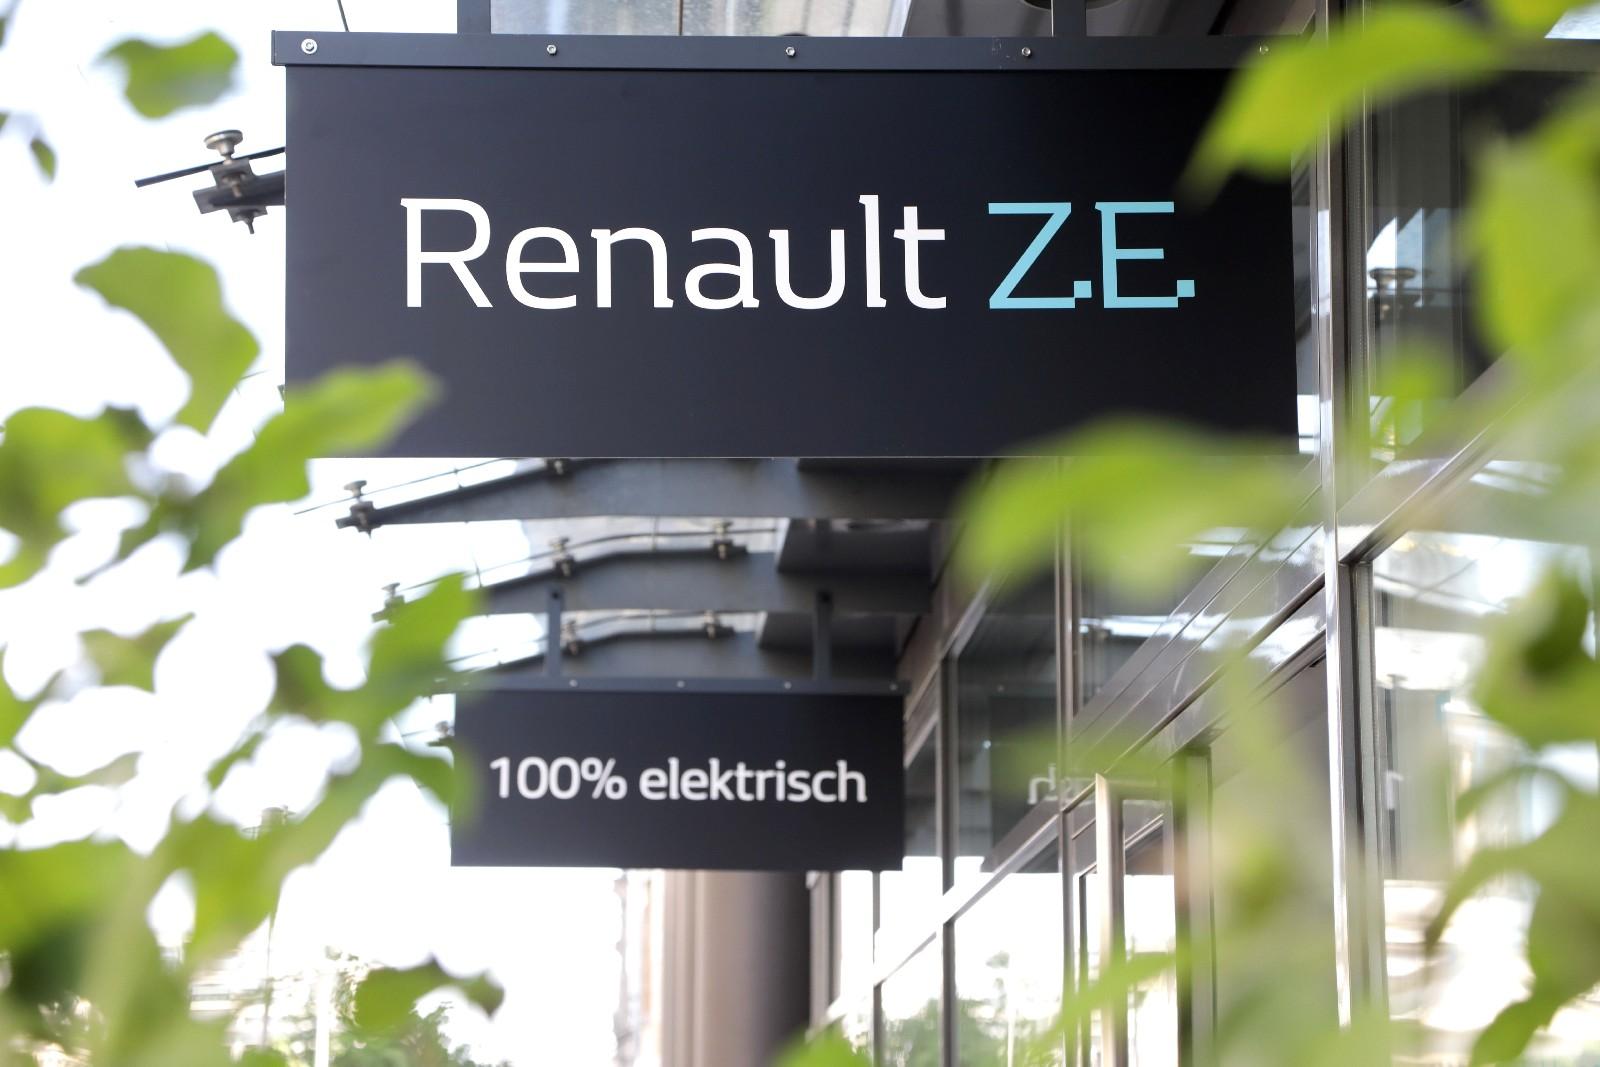 Renault: в Берлине открыт инновационный шоурум электромобилей